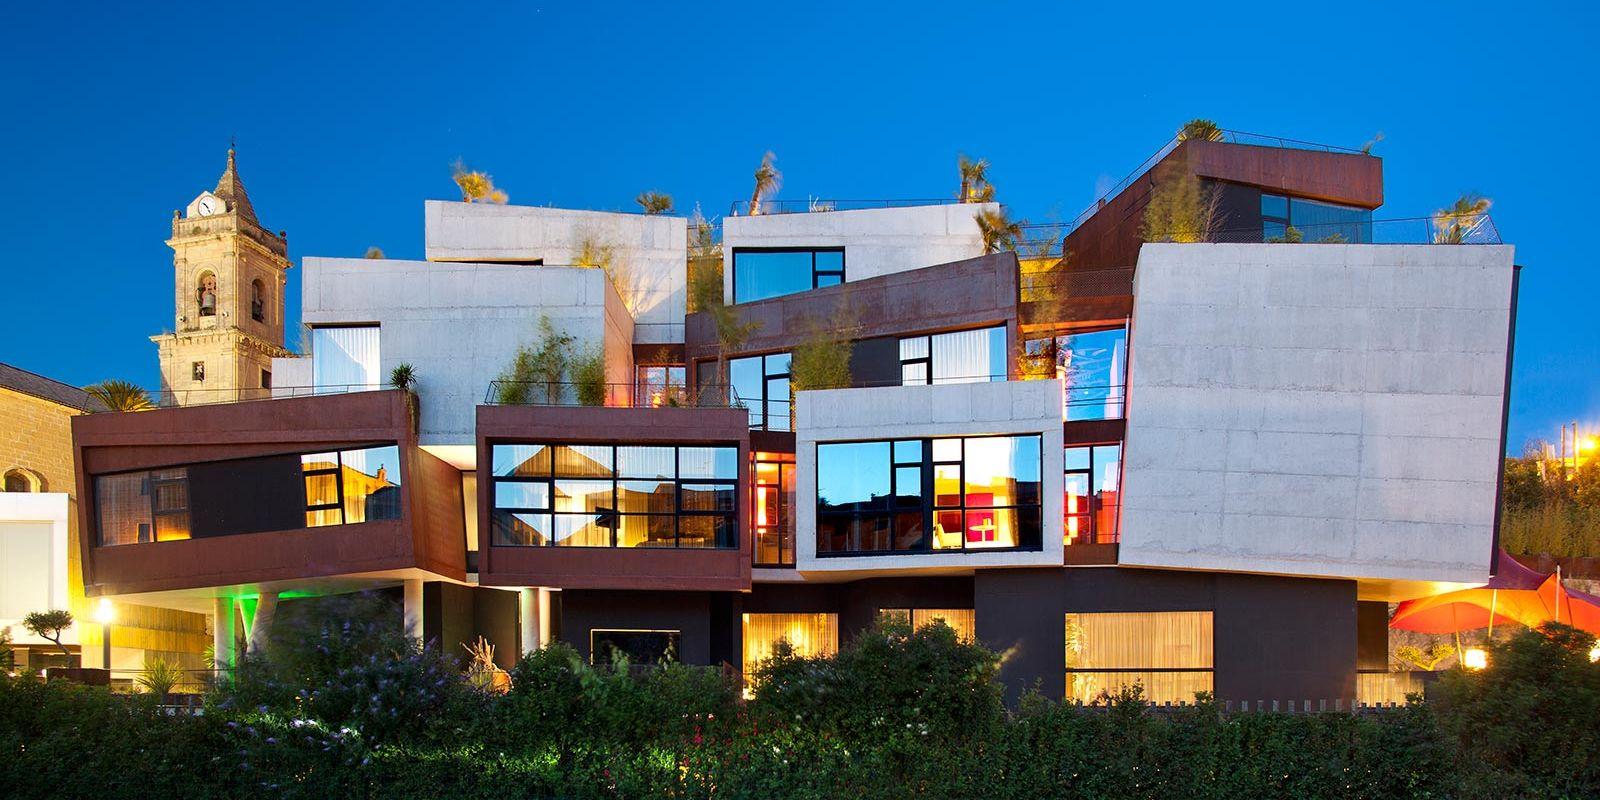 Hotel Viura, uno de los hoteles ecológicos en España